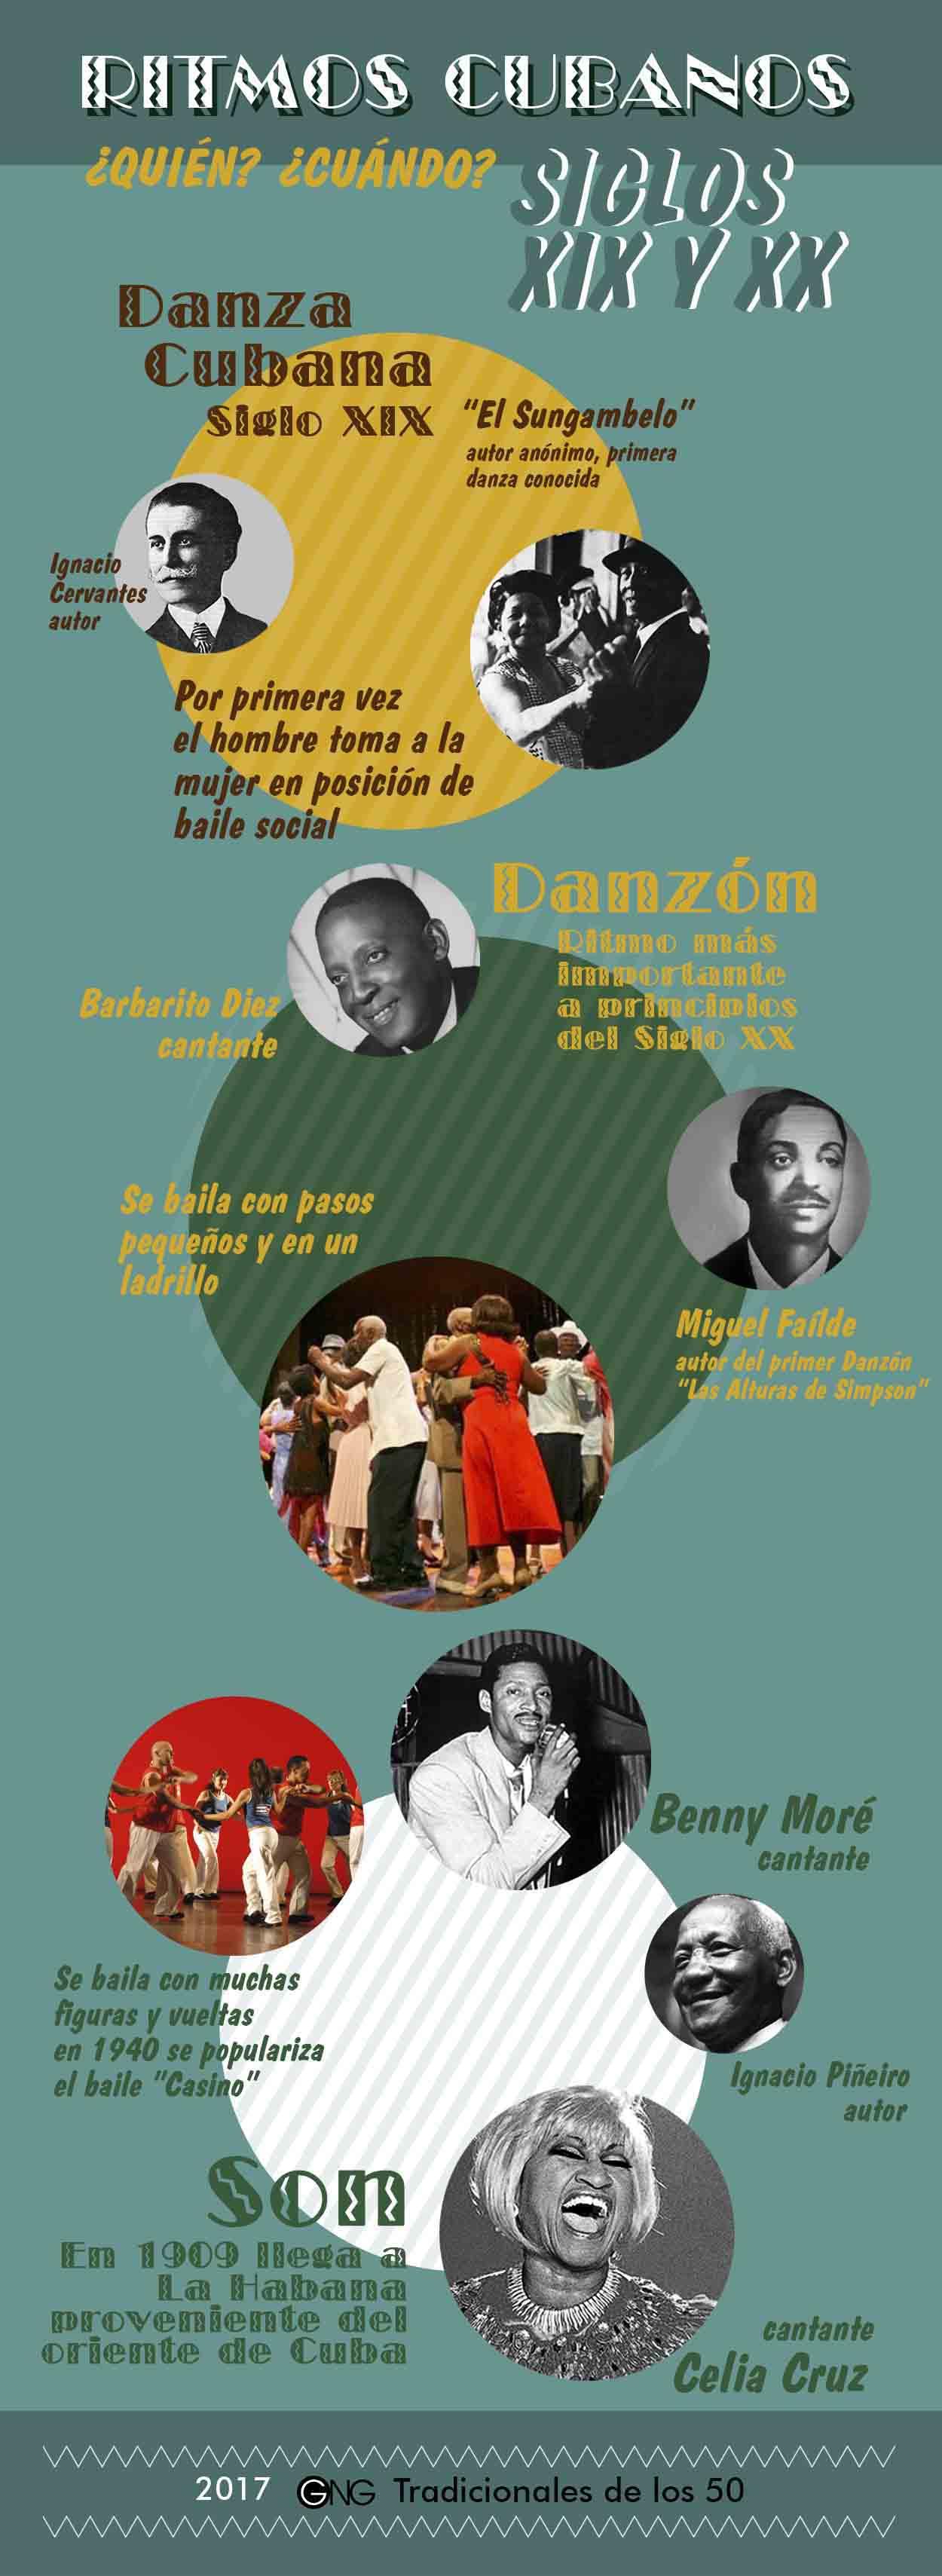 Infografía acerca del surgimiento del danzón, cha cha chá, danzas y son cubanos todos de los siglos XIX y XX